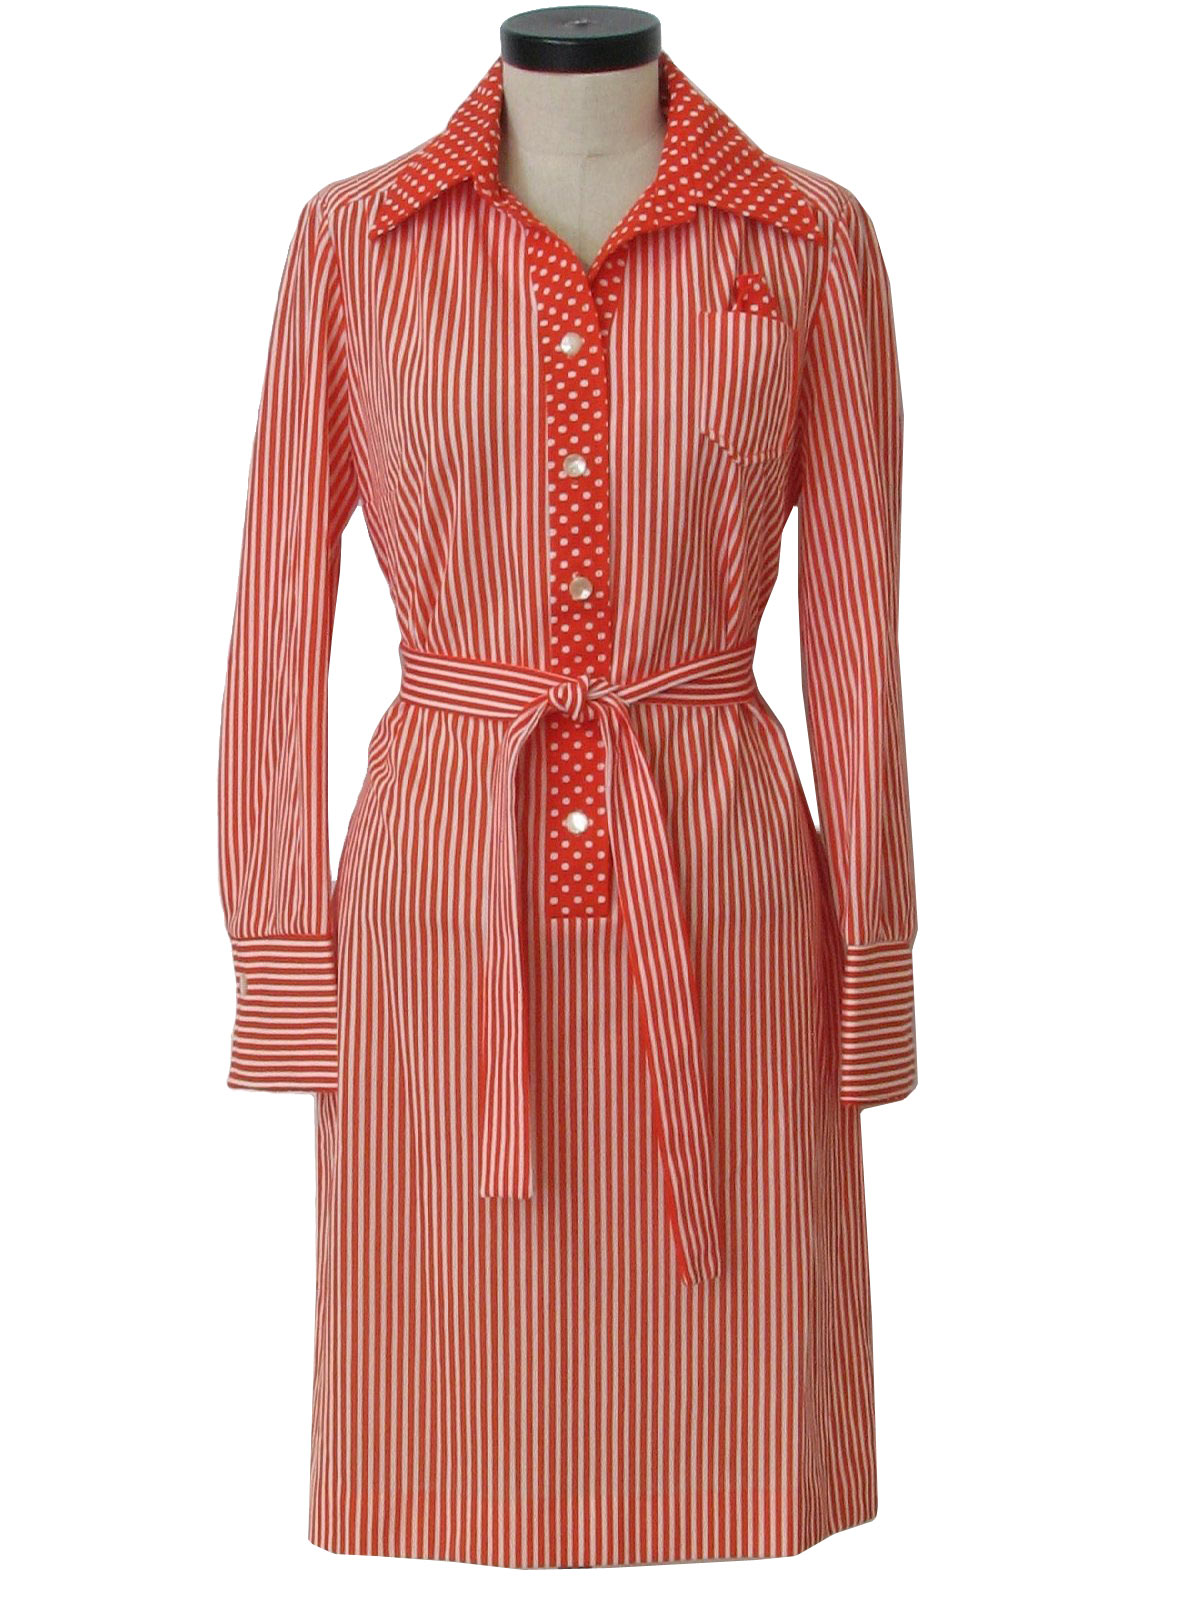 Mens Polka Dot Dress Shirt